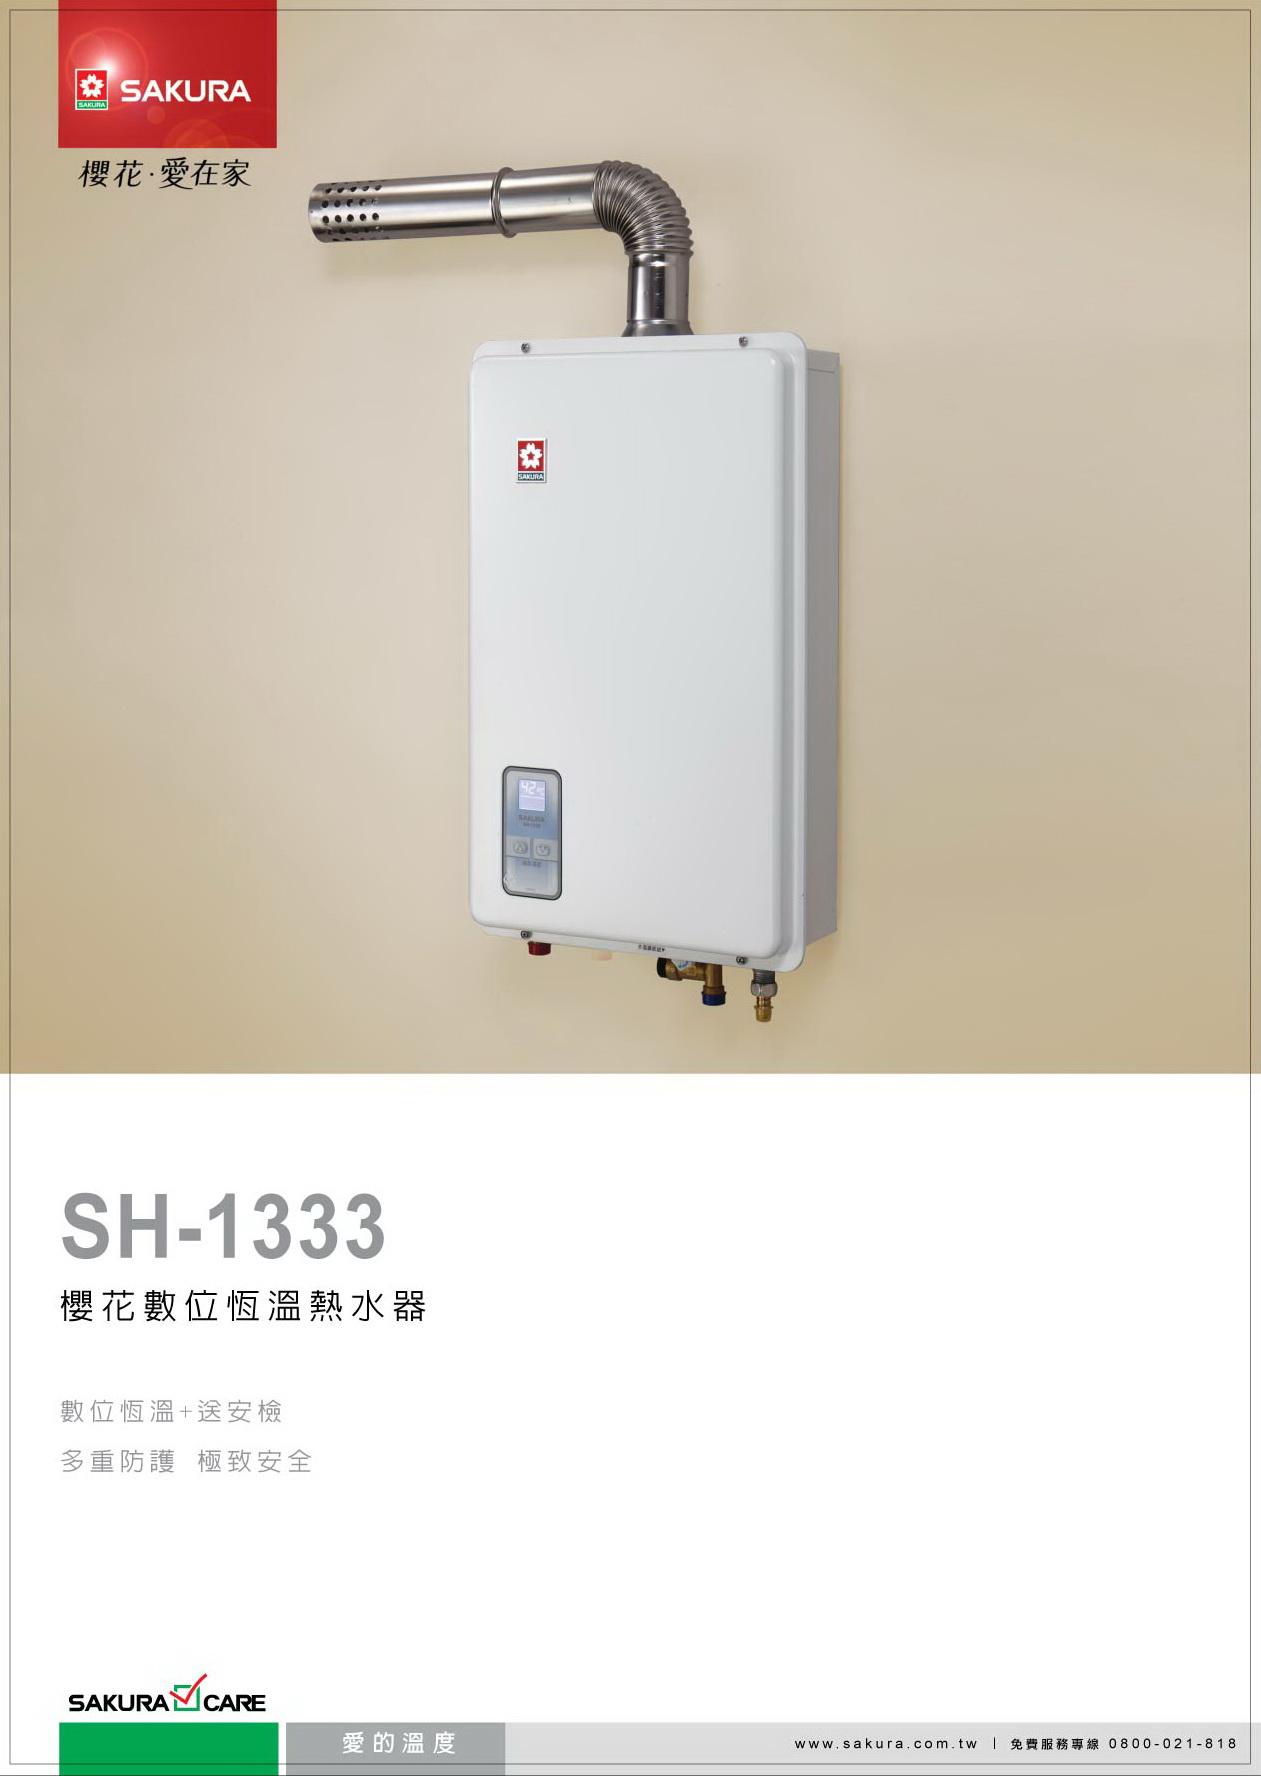 櫻花熱水器SH-1333-1.jpg